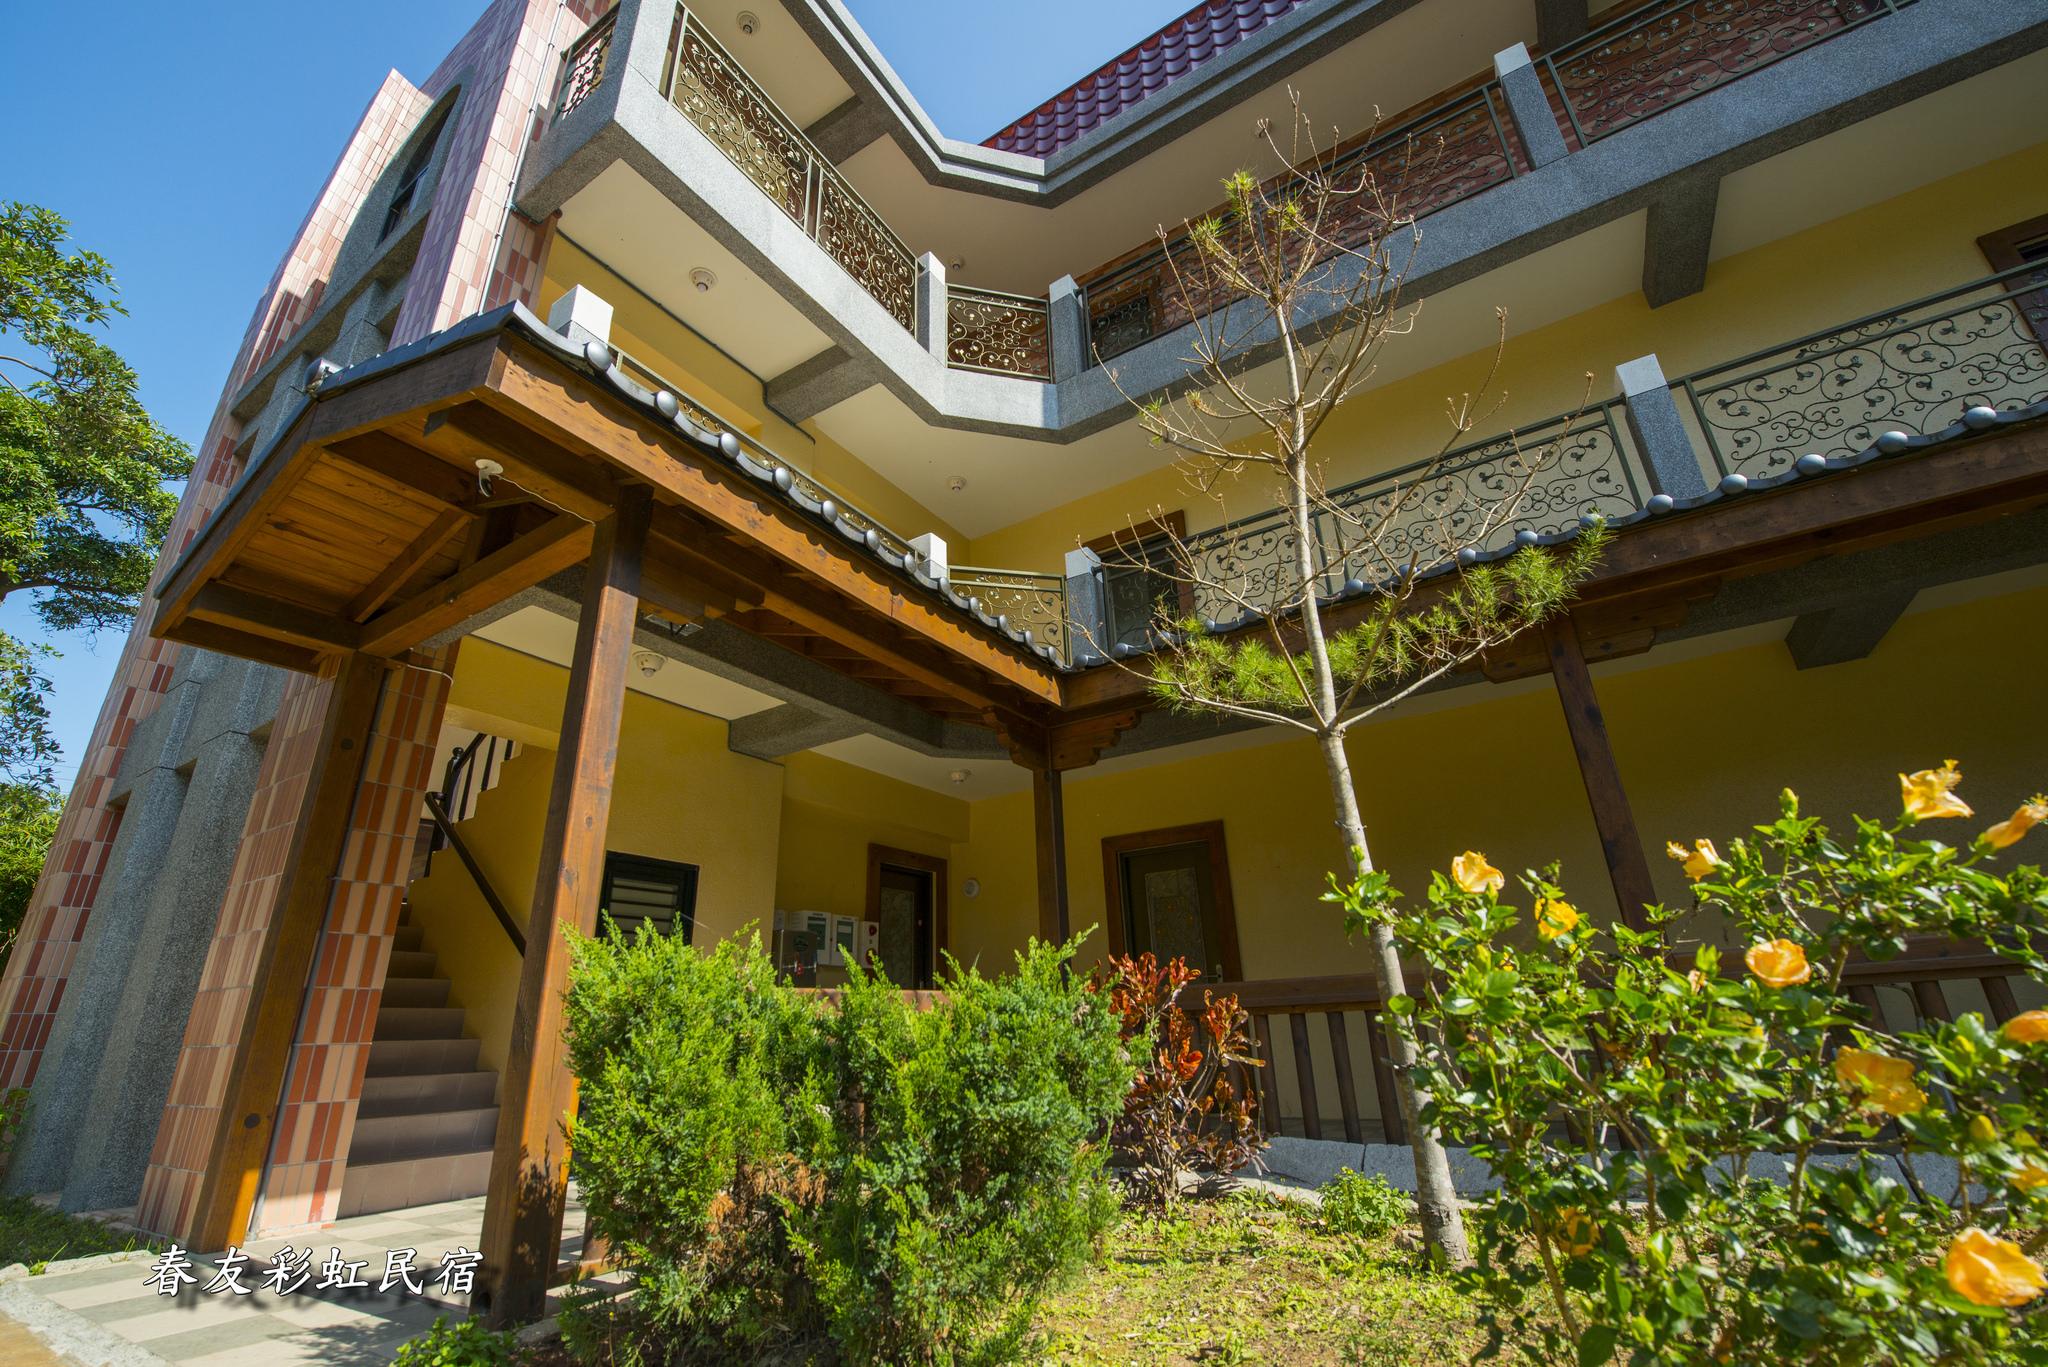 楓香4人房建築外觀